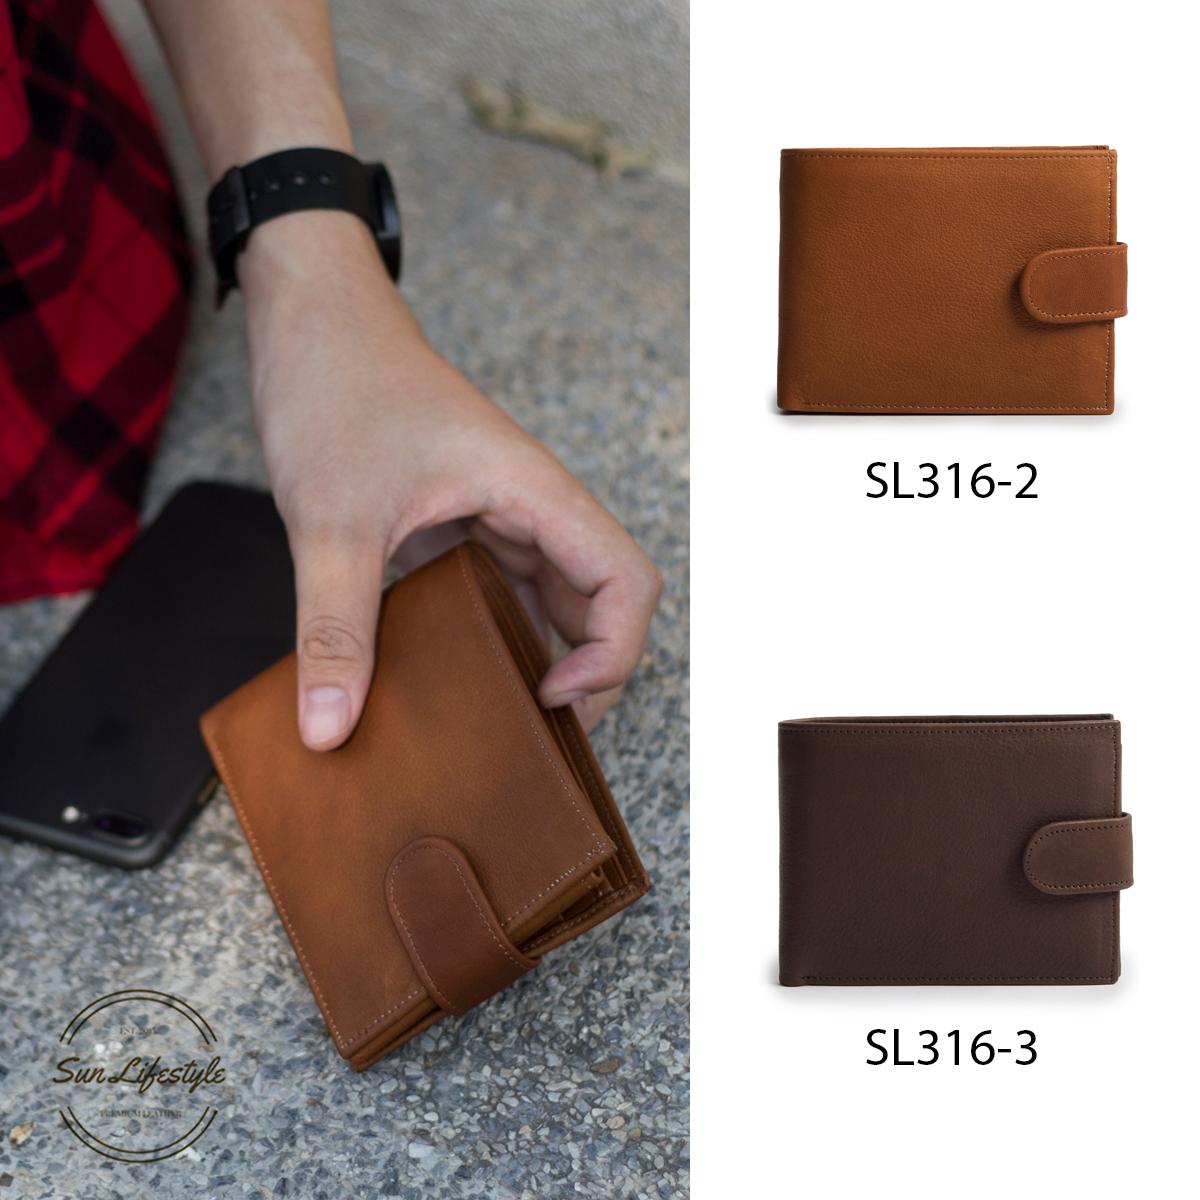 SL316 กระเป๋าสตางค์ หนังแท้ ชามัวร์ กระดุมล็อค